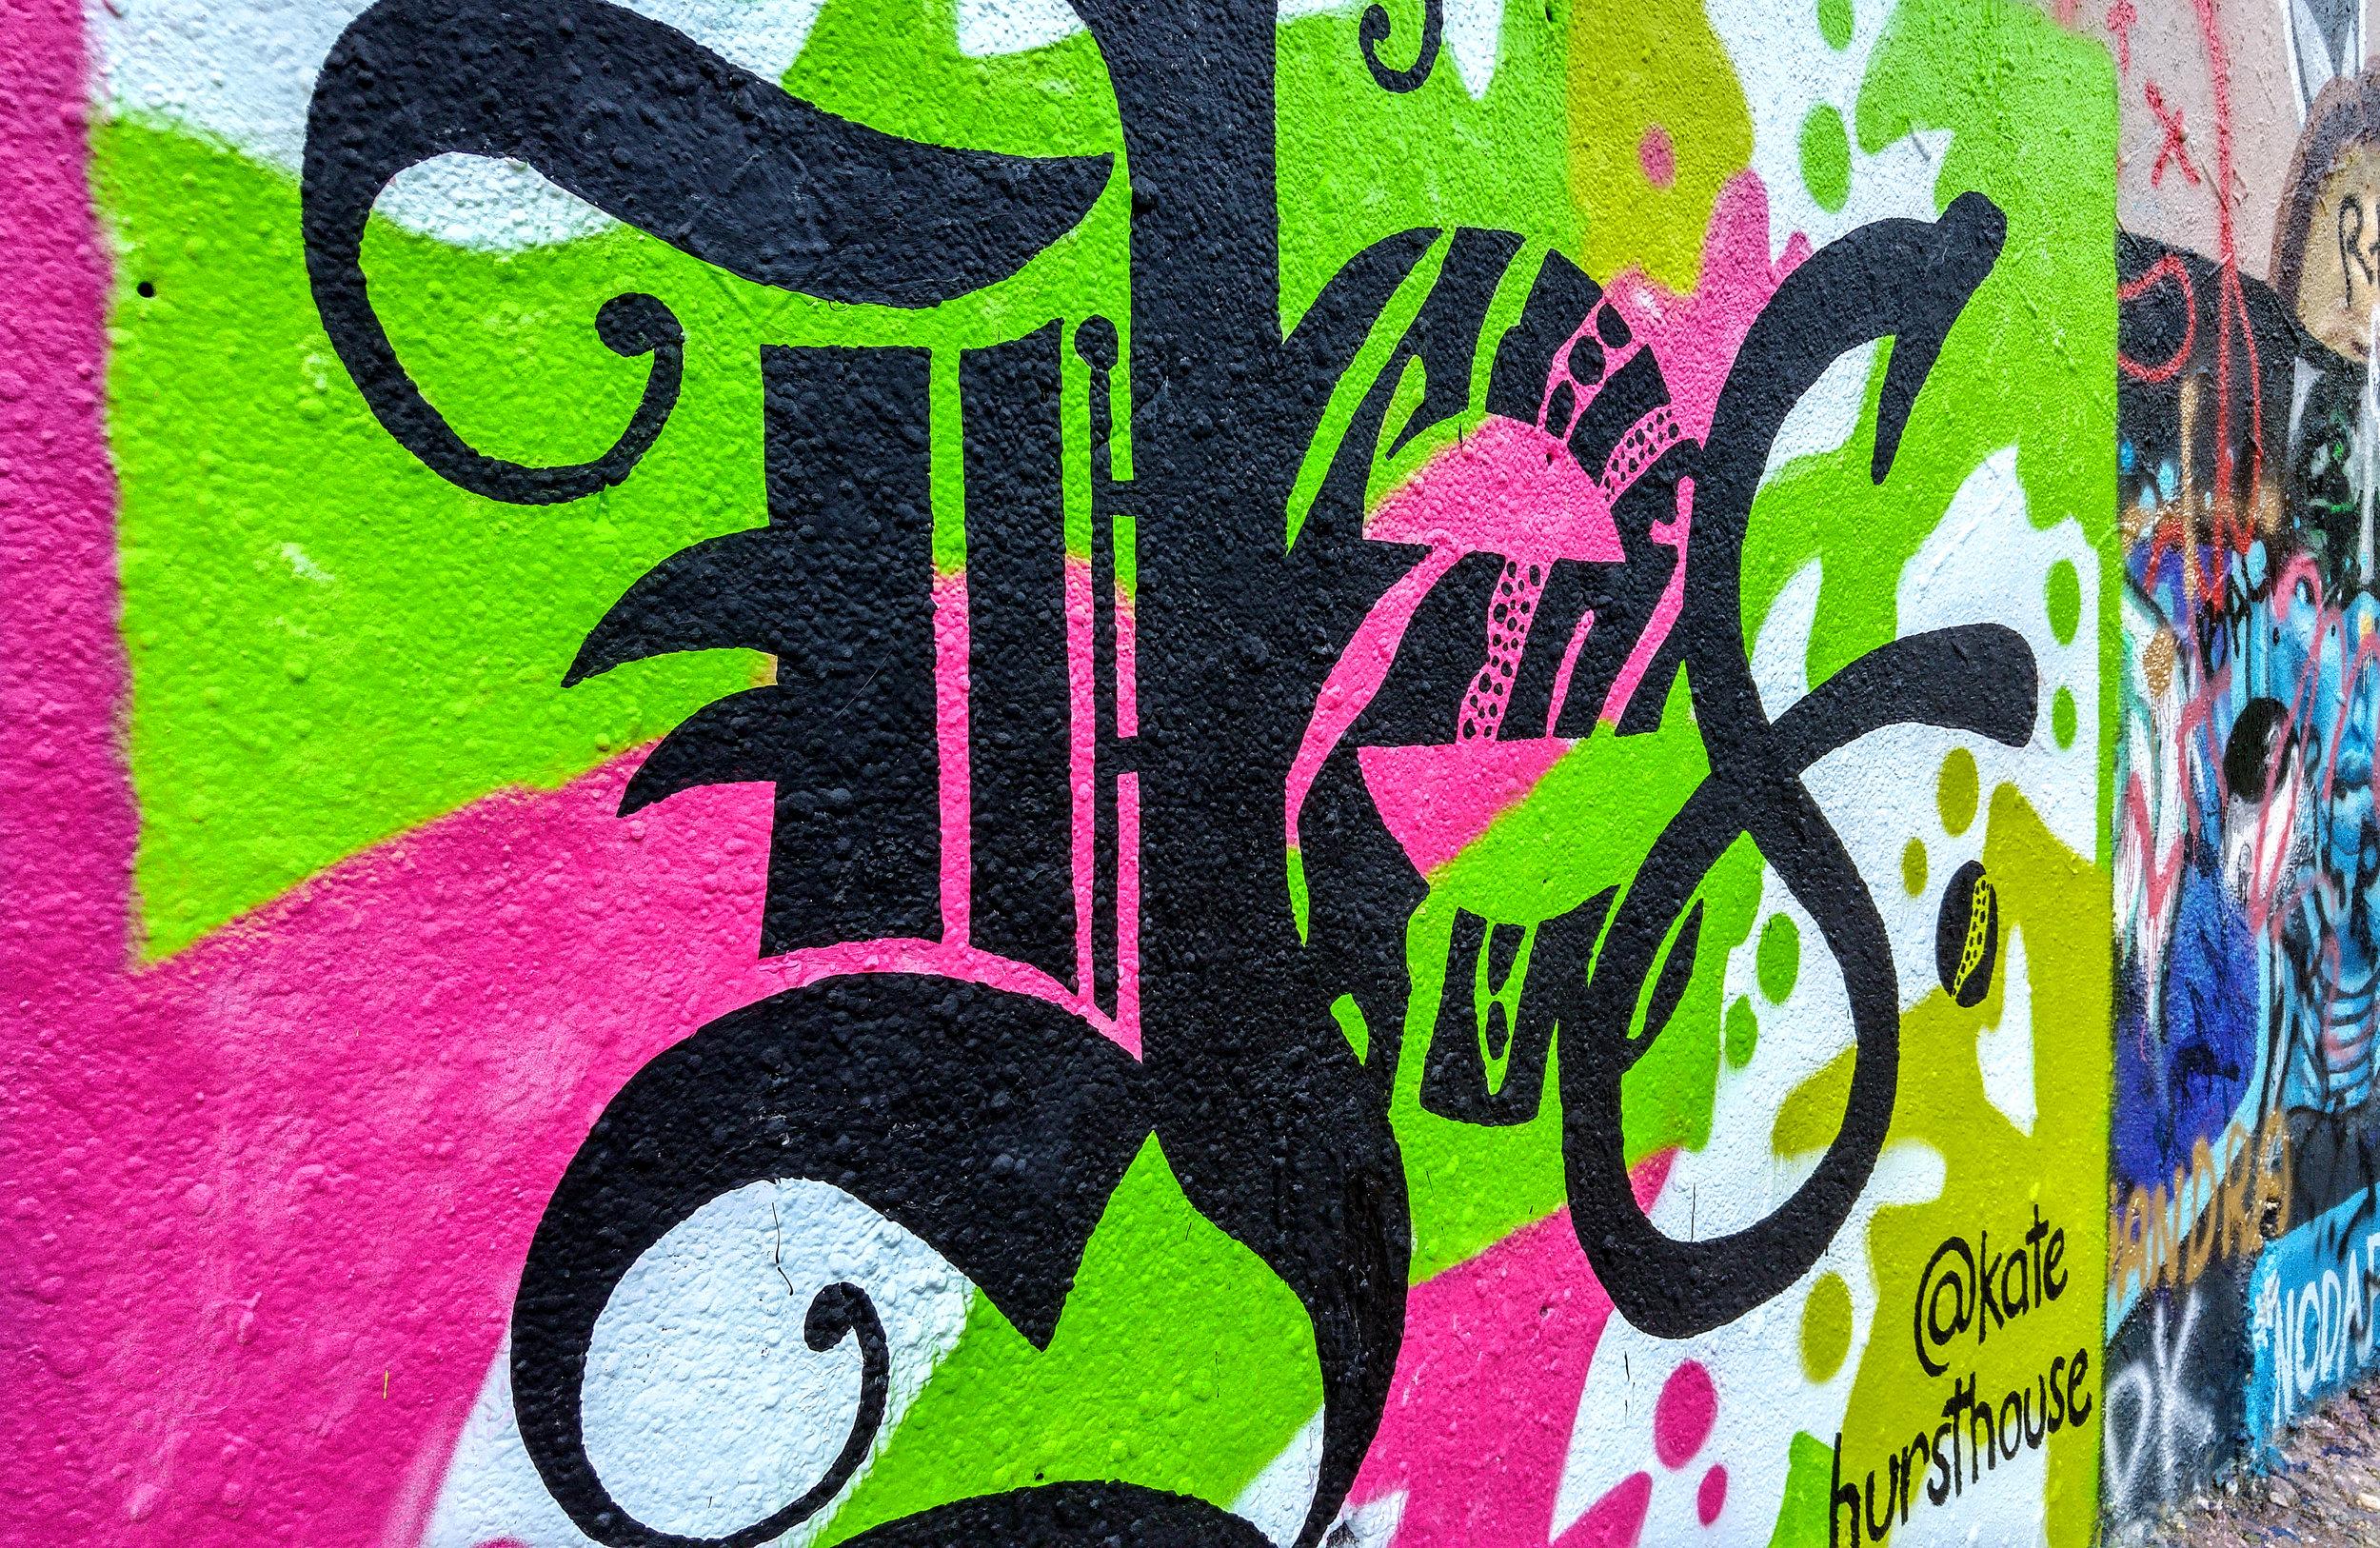 Kate Hursthouse Mural // YES // Austin, Texas